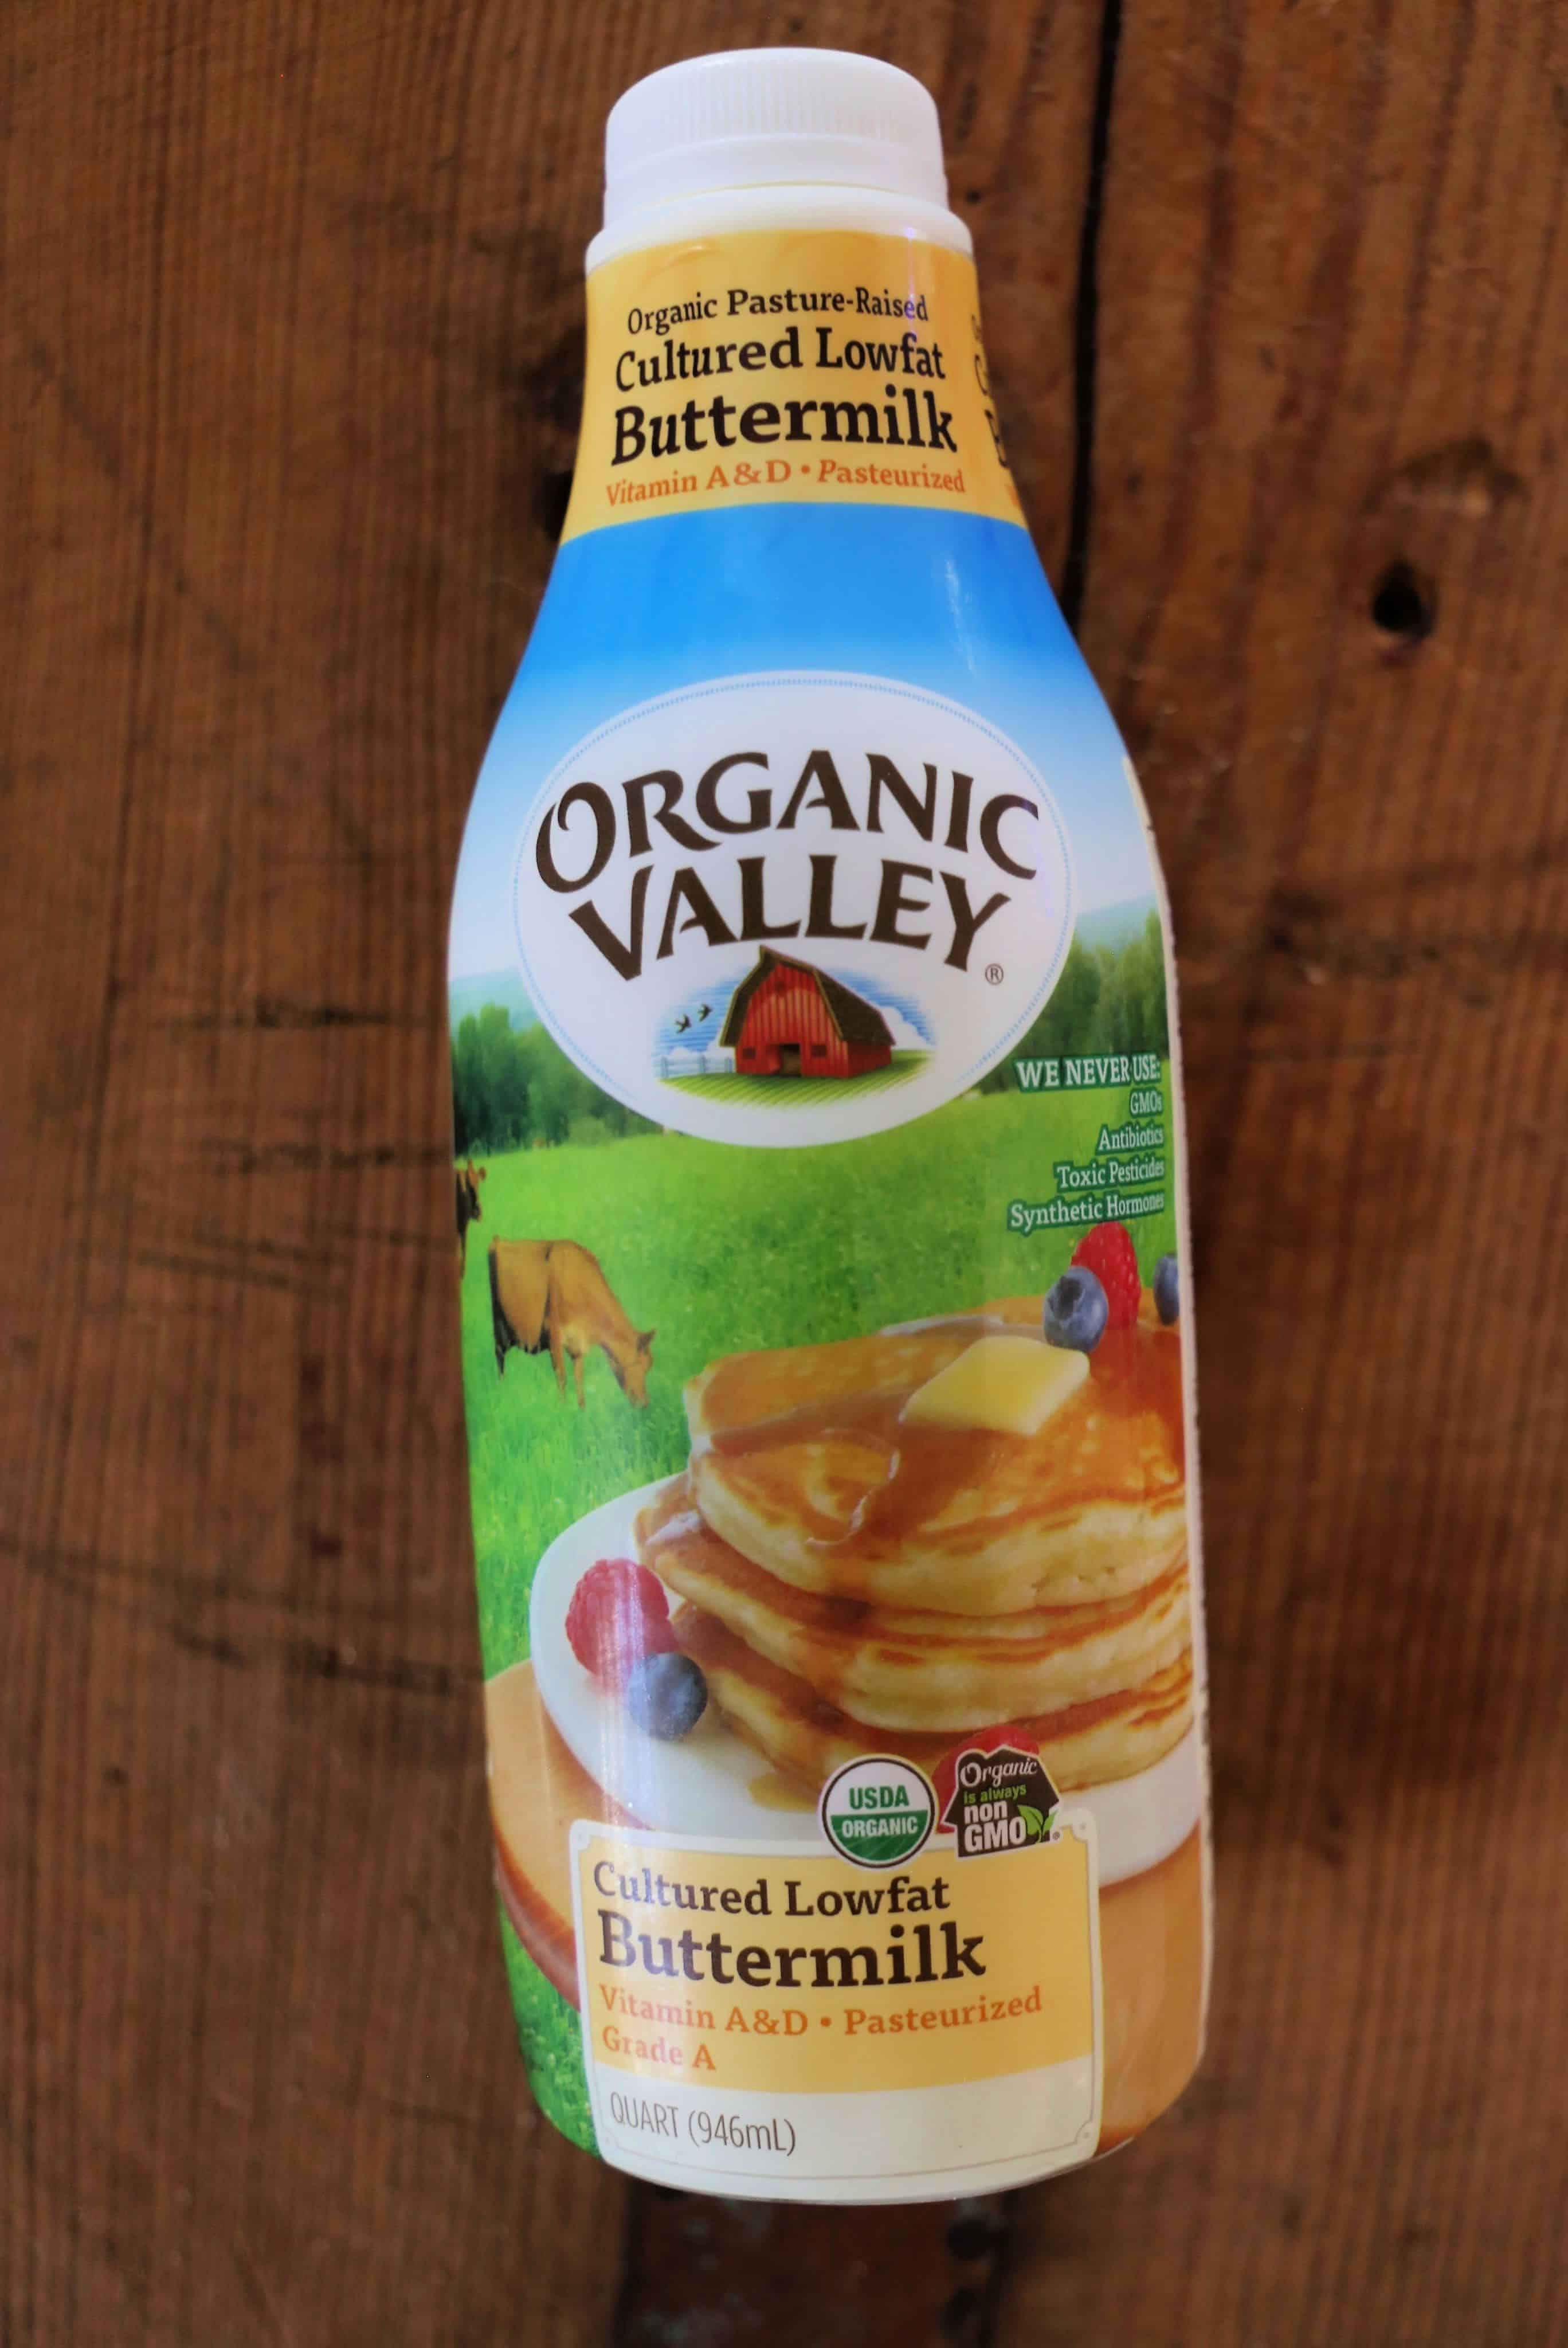 bottle of buttermilk